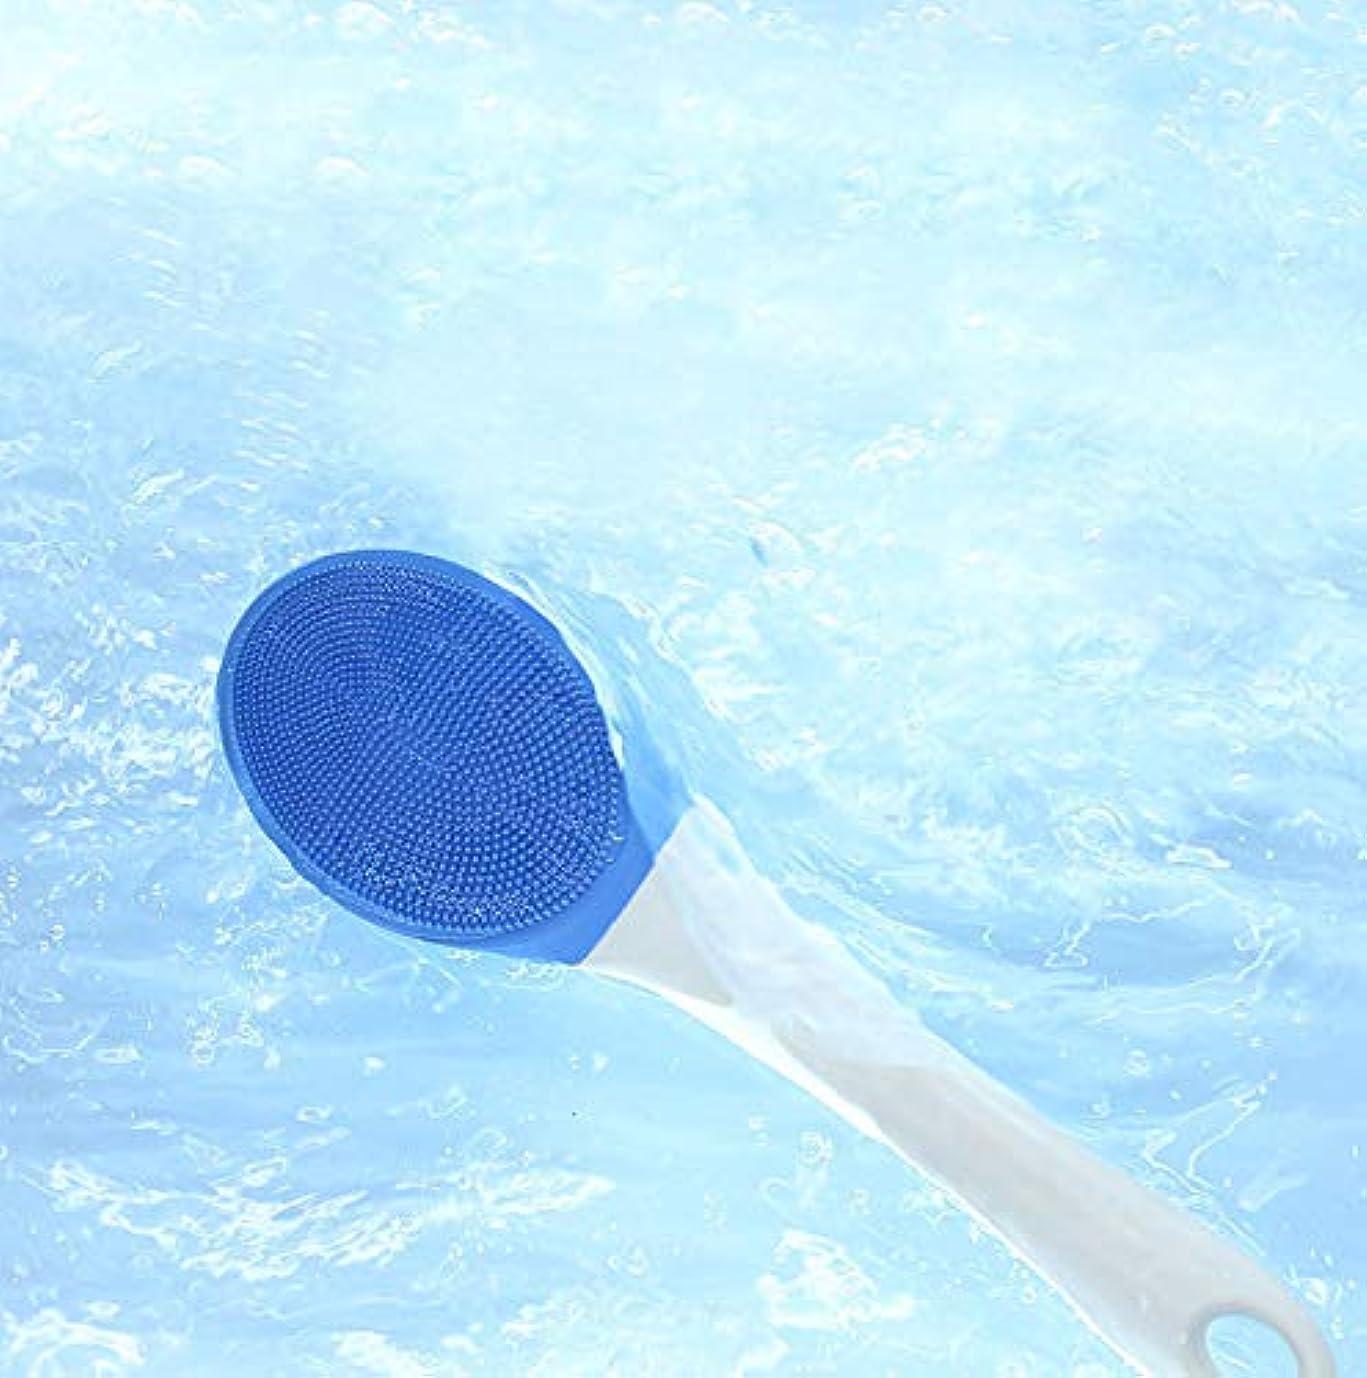 なので感性異なる電気バスブラシ、防水ボディ、洗顔ブラシロングハンドルソニック電動スクラバーディープクリーニング用3スピード調整可能なパルス振動,Blue